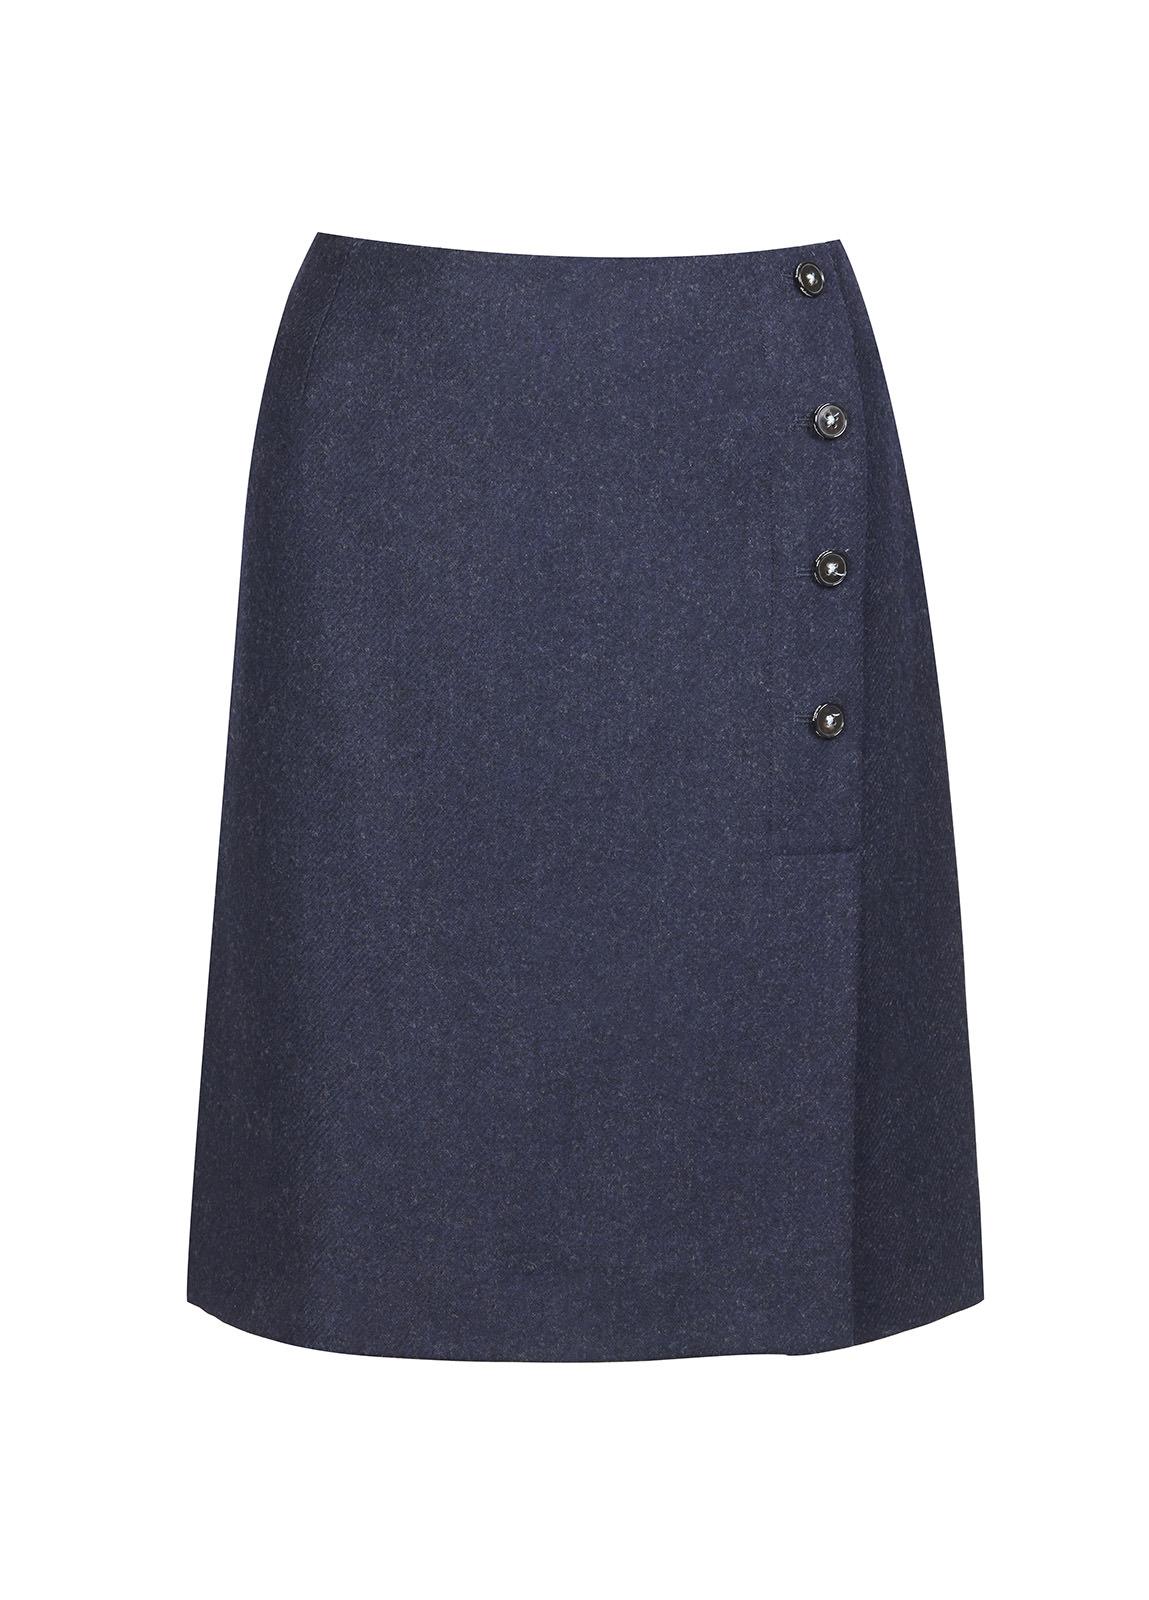 Marjoram Slim Tweed Skirt - Navy